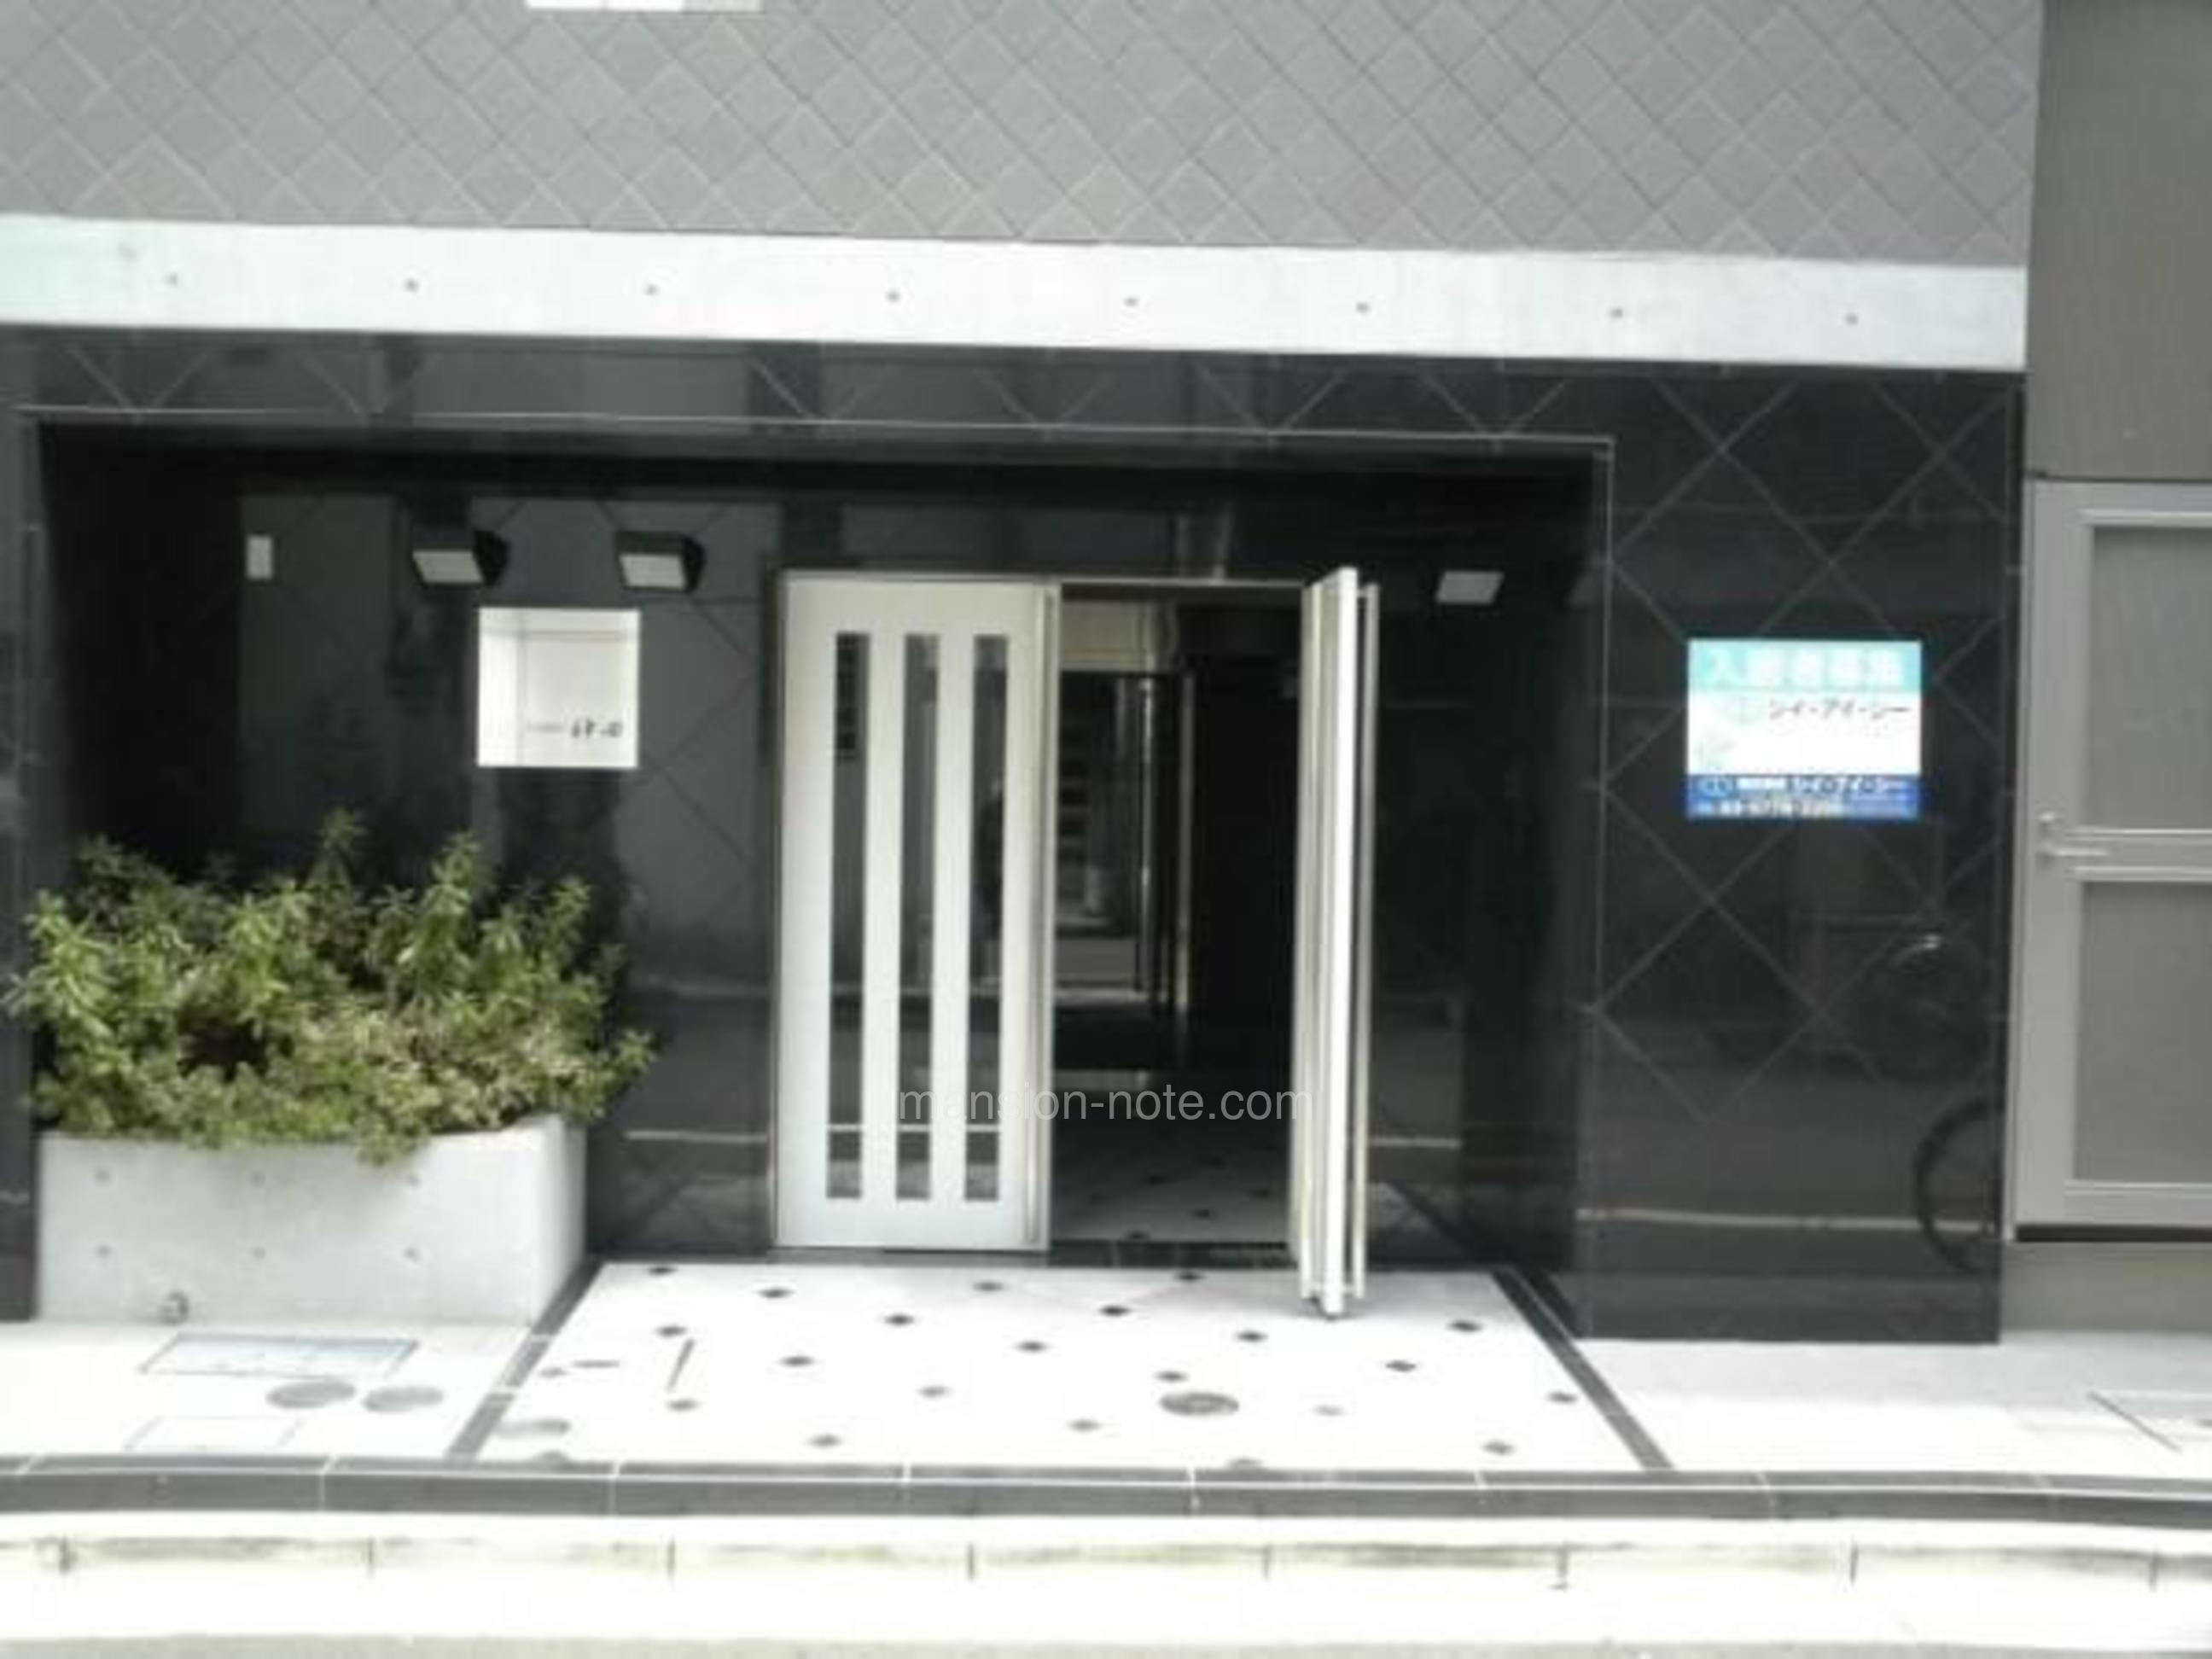 東京都千代田区神田須田町1丁目7 - Yahoo!地図